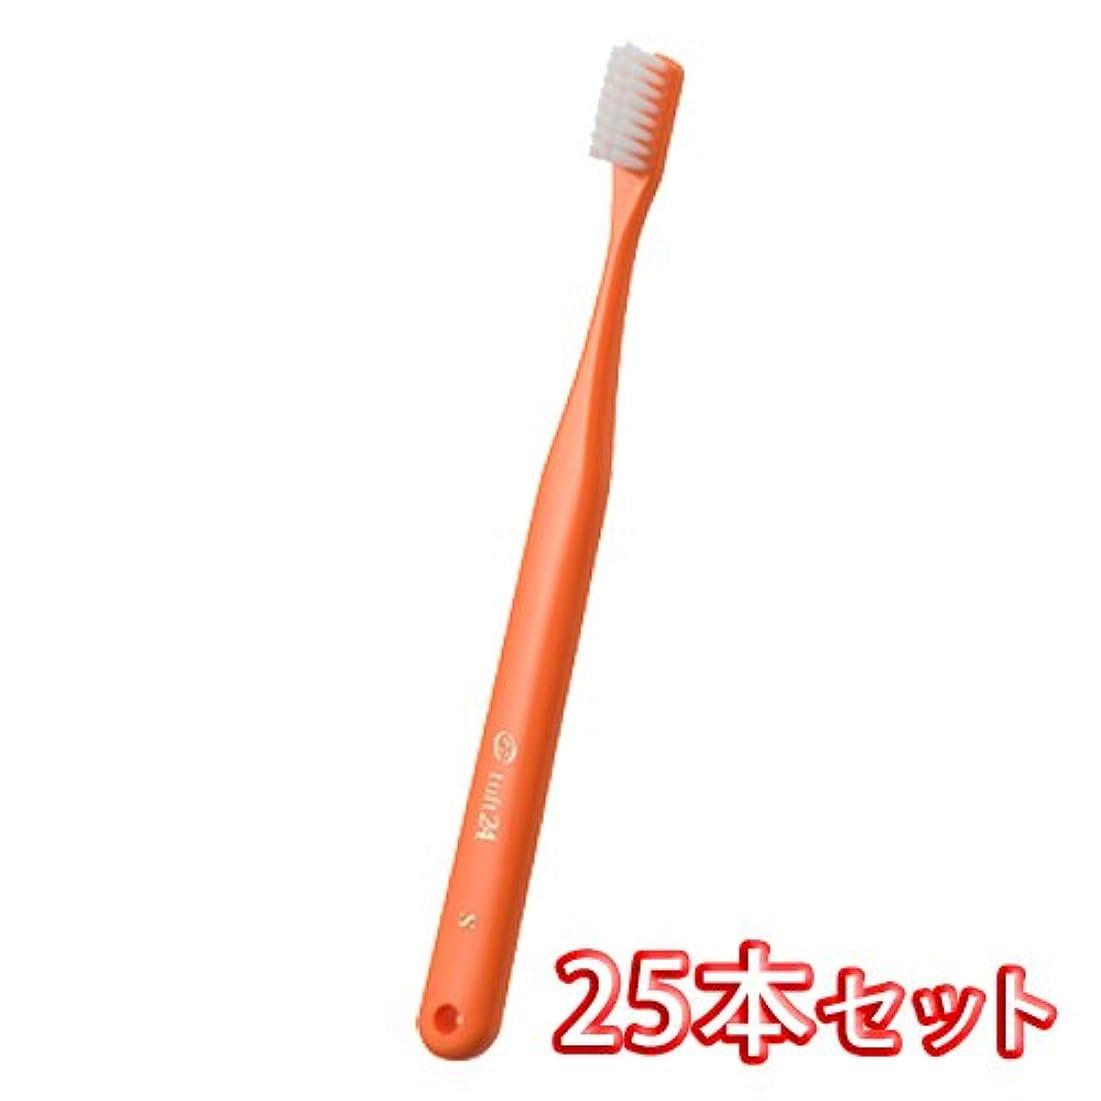 宇宙の知覚的望ましいオーラルケア キャップ付き タフト 24 歯ブラシ 25本入 ミディアムソフト MS (オレンジ)